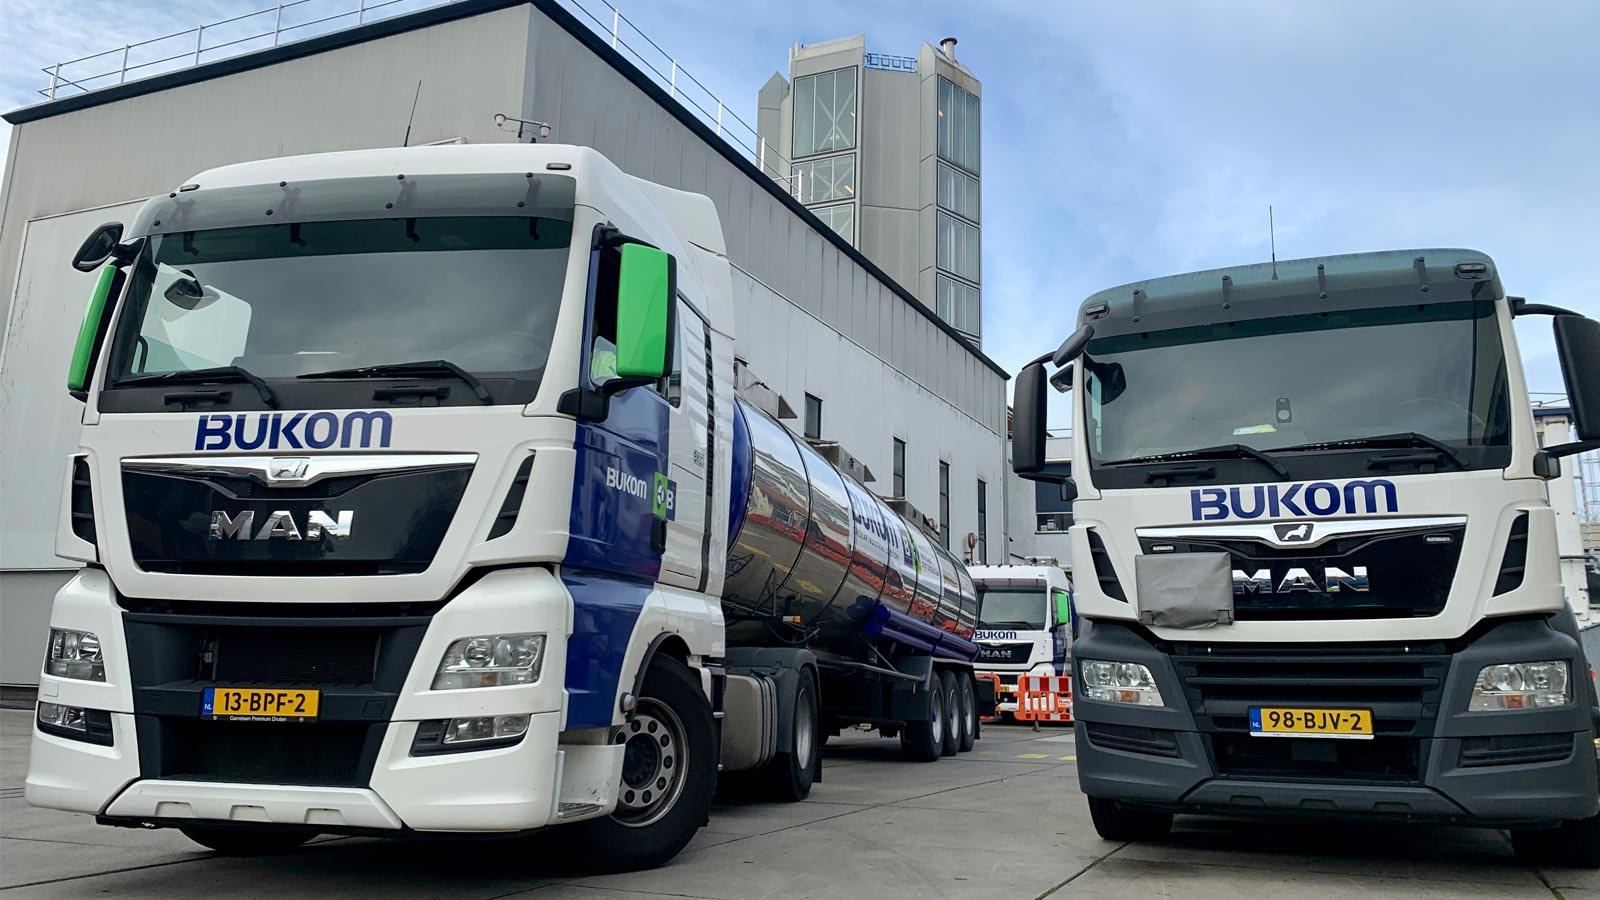 Bukom vrachtwagens op klus